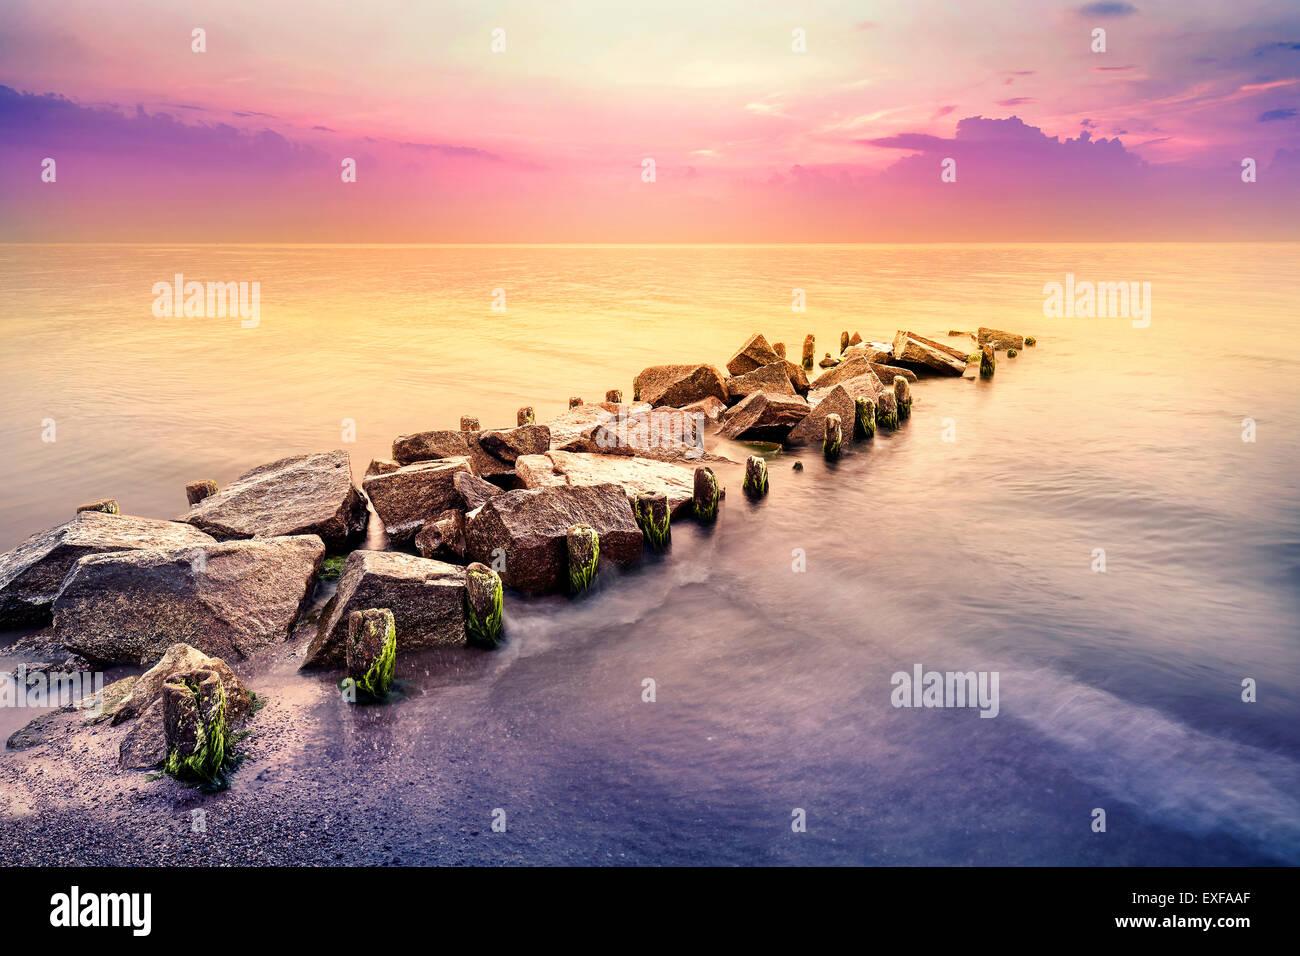 Heure d'or, paisible paysage de mer après le coucher du soleil. Photo Stock